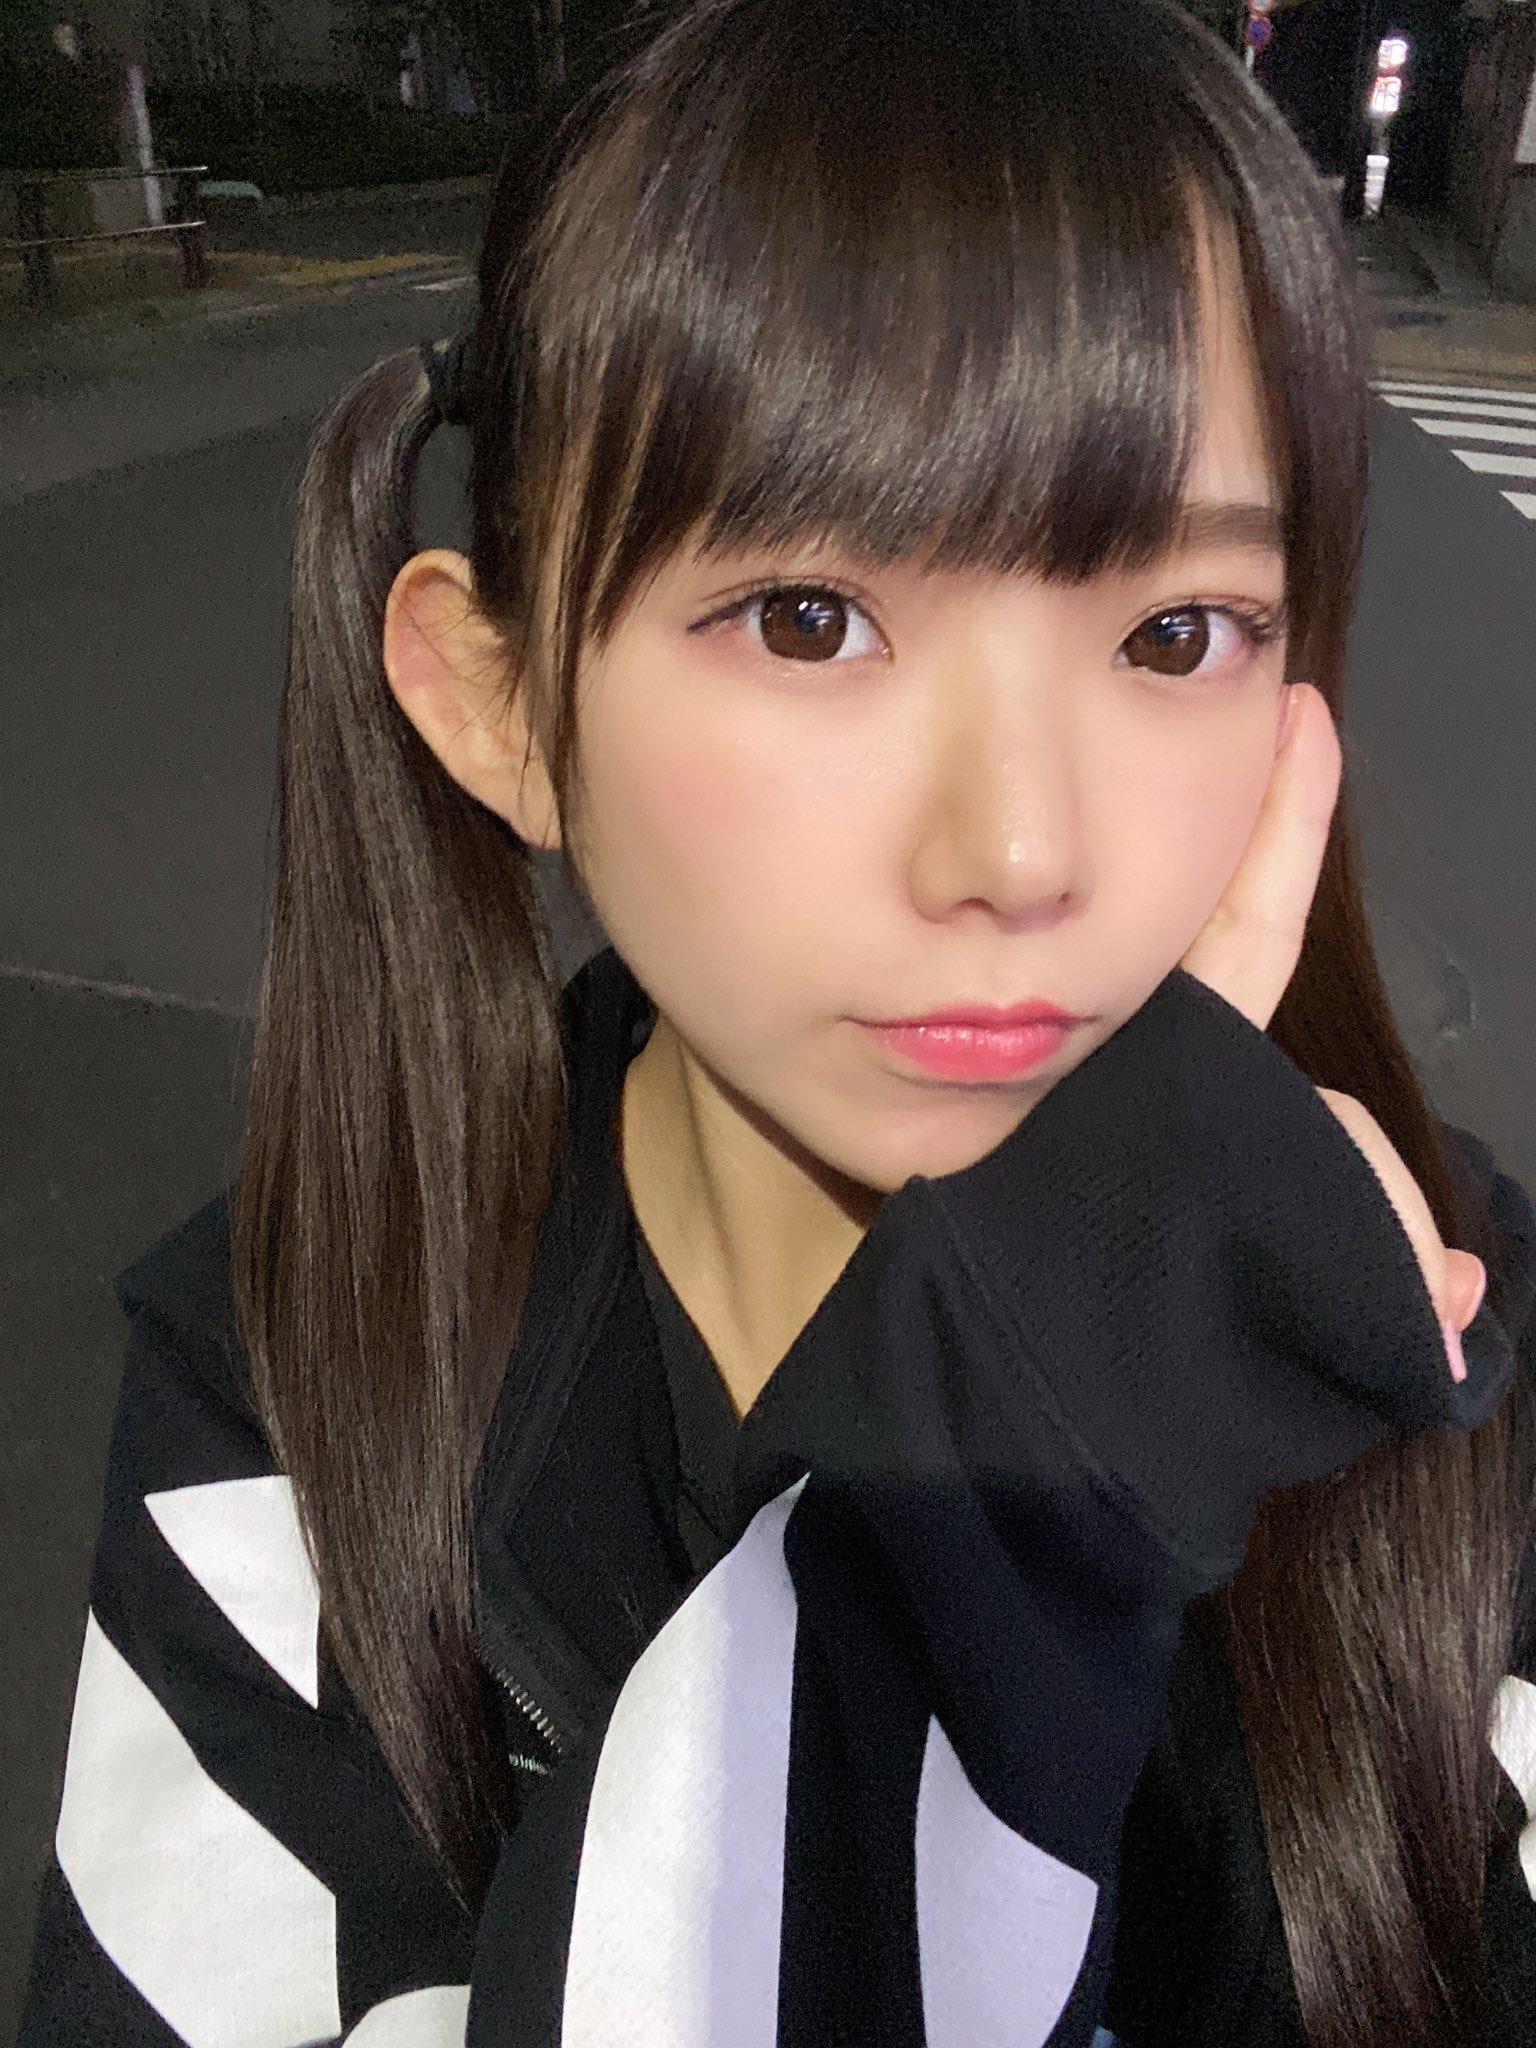 nagasawa_marina 1256715234577747968_p1